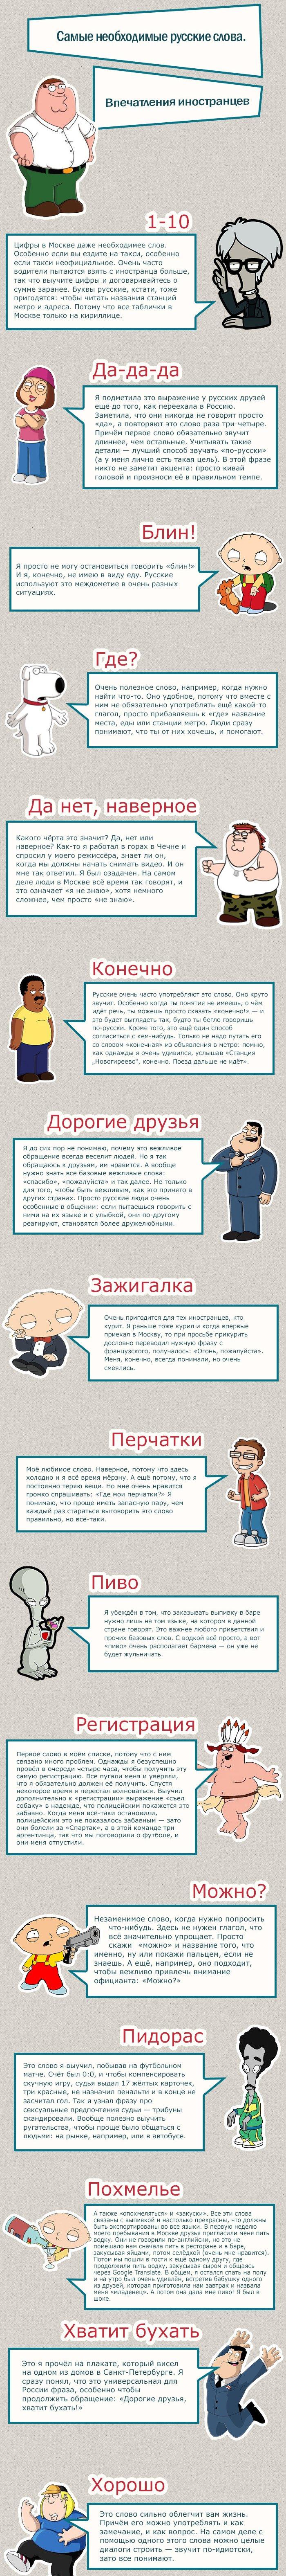 Самые распространенные слова в русском языке (2 фото)